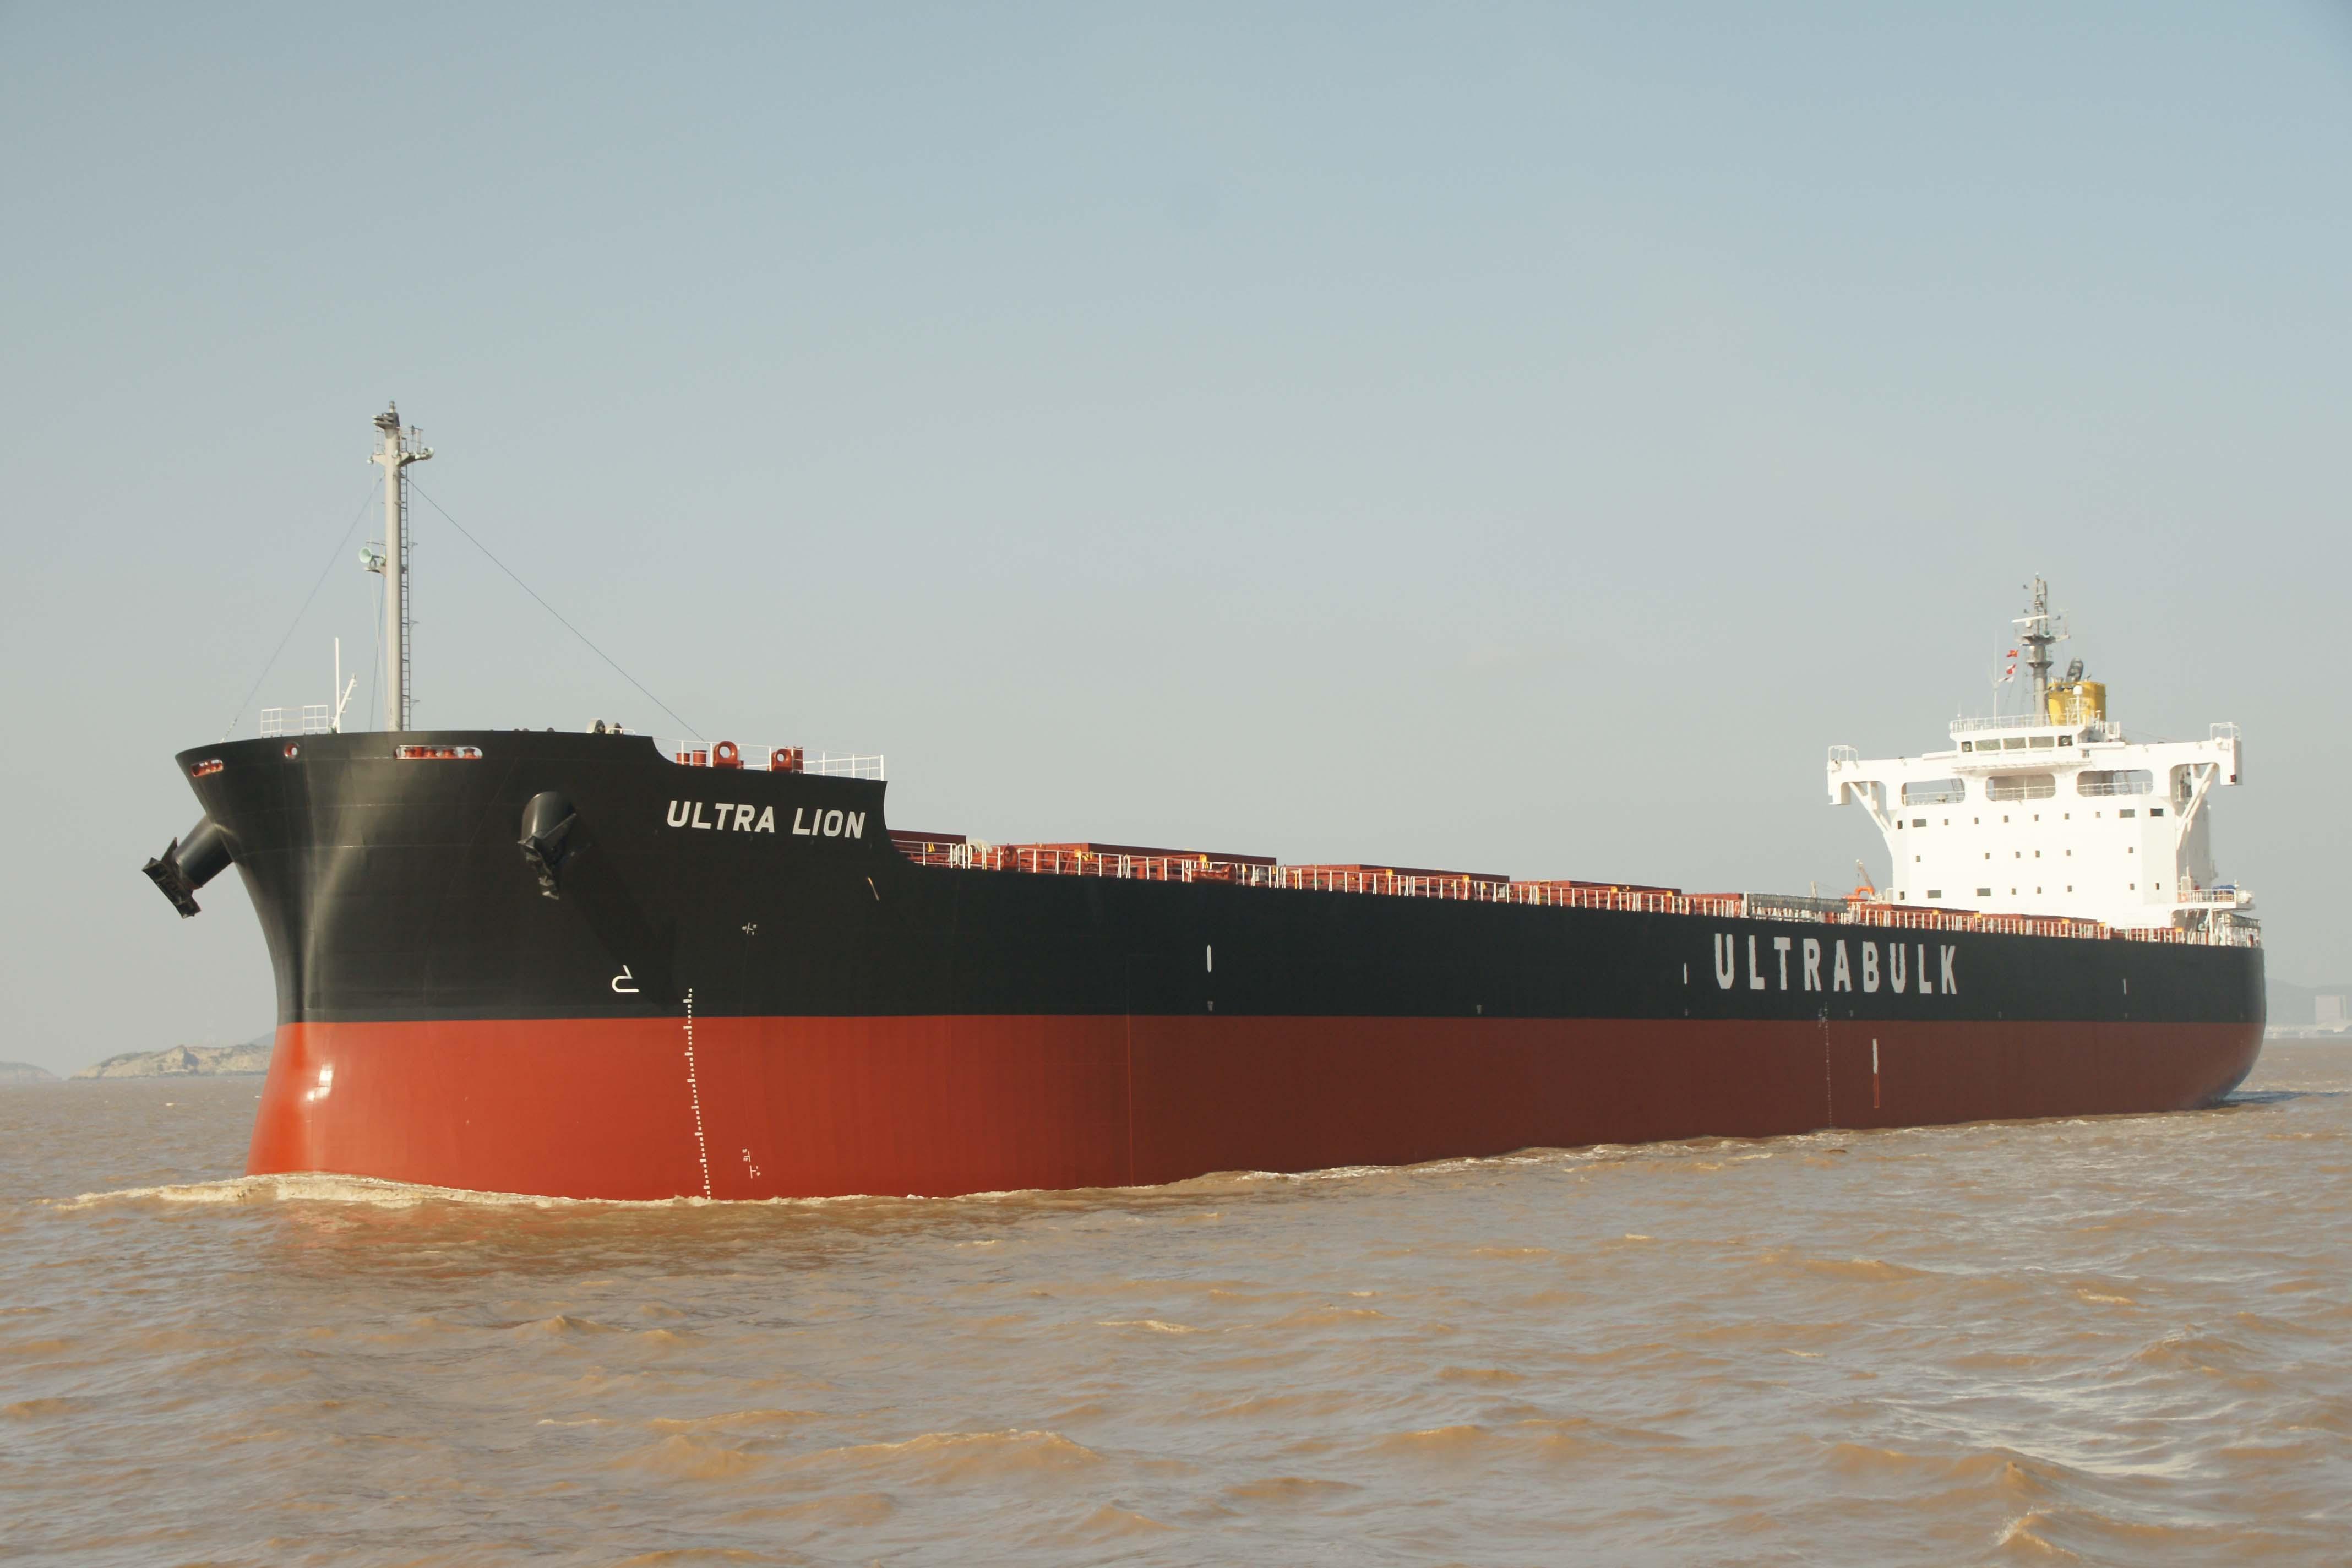 """常石造船独创船型8万2000吨型散装货船 """"KAMSARMAX BC""""( 卡姆萨型散装货船)历时9年零11个月完成200艘船舶的建造"""